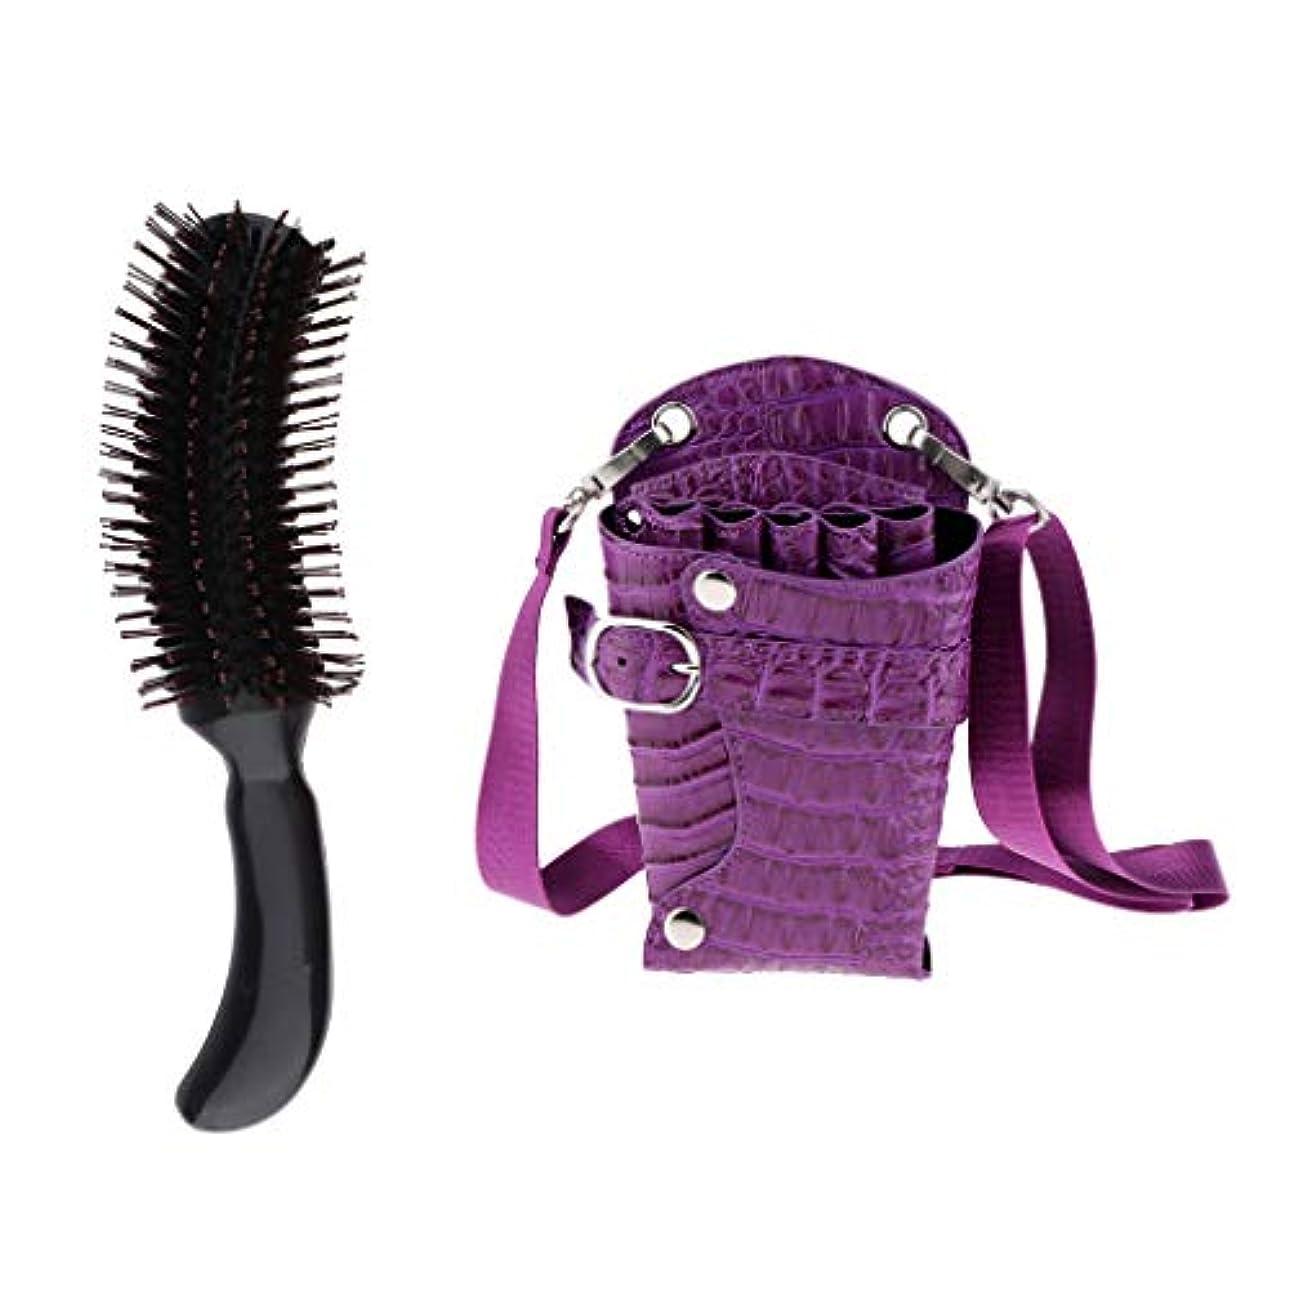 蒸発メイド乱れヘアブラシ マッサージブラシ はさみバッグ ツールホルスター 収納ポーチ 紫